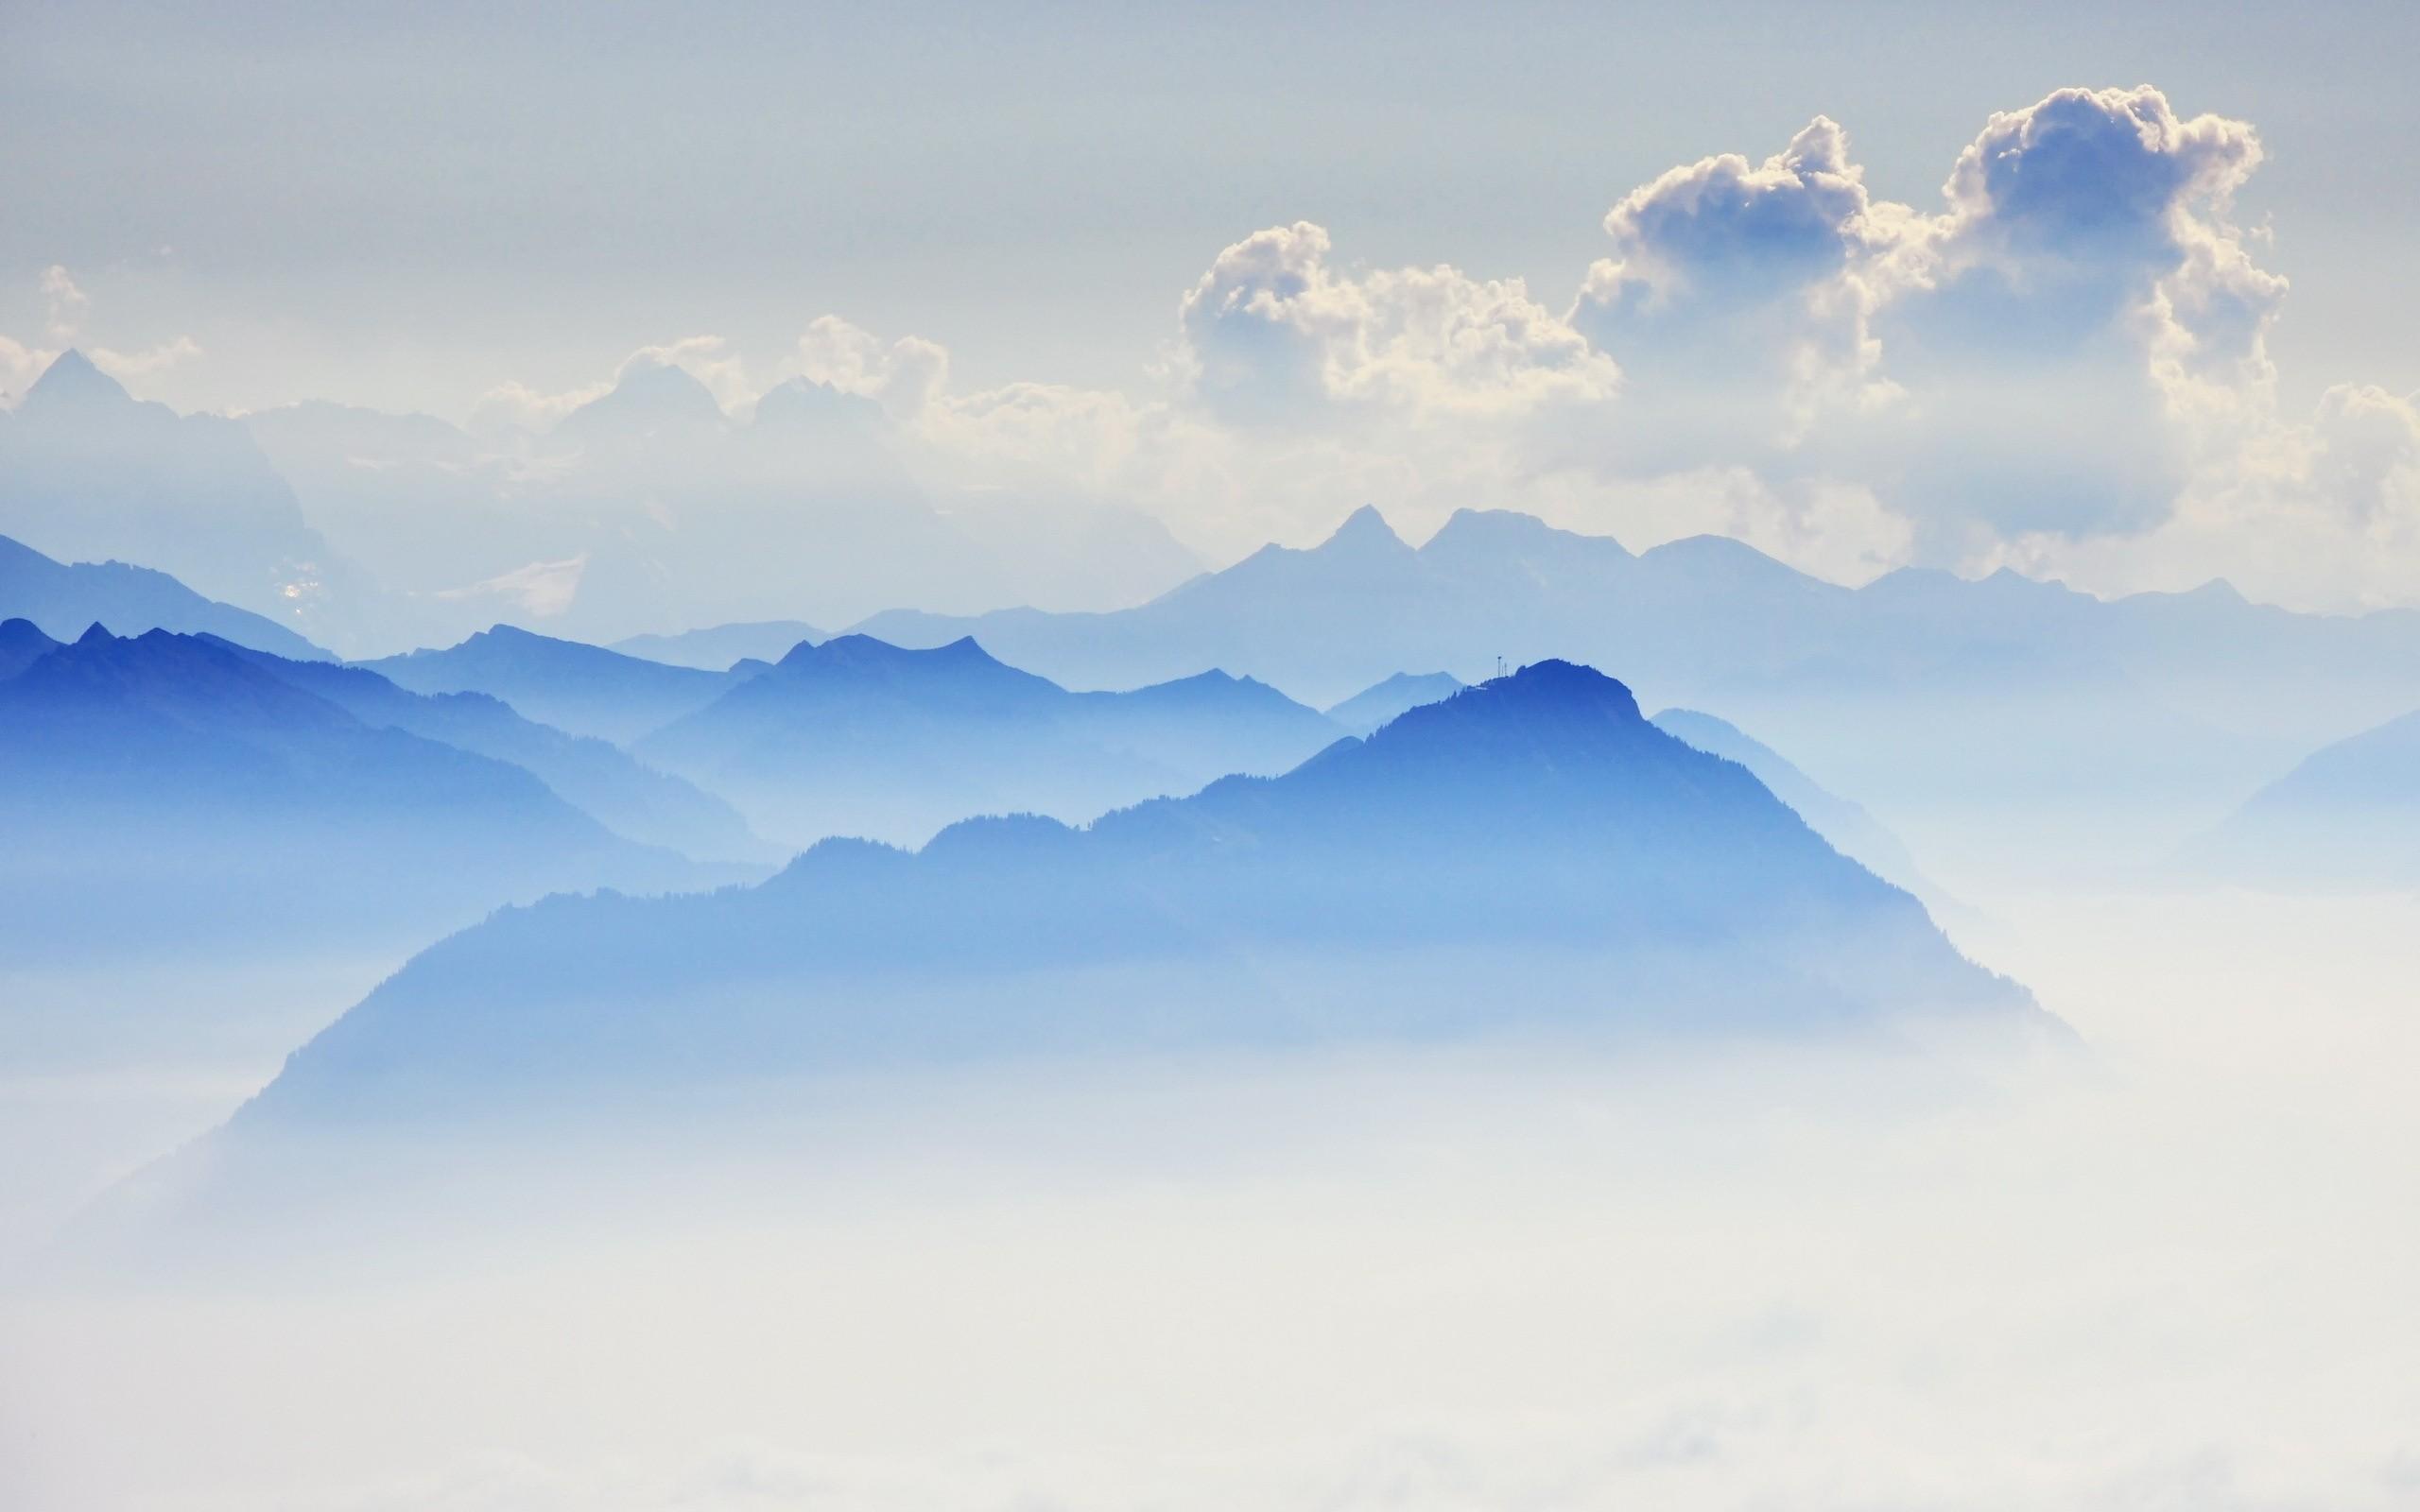 Great Wallpaper Mountain Simple - 594585  Snapshot_752141.jpg